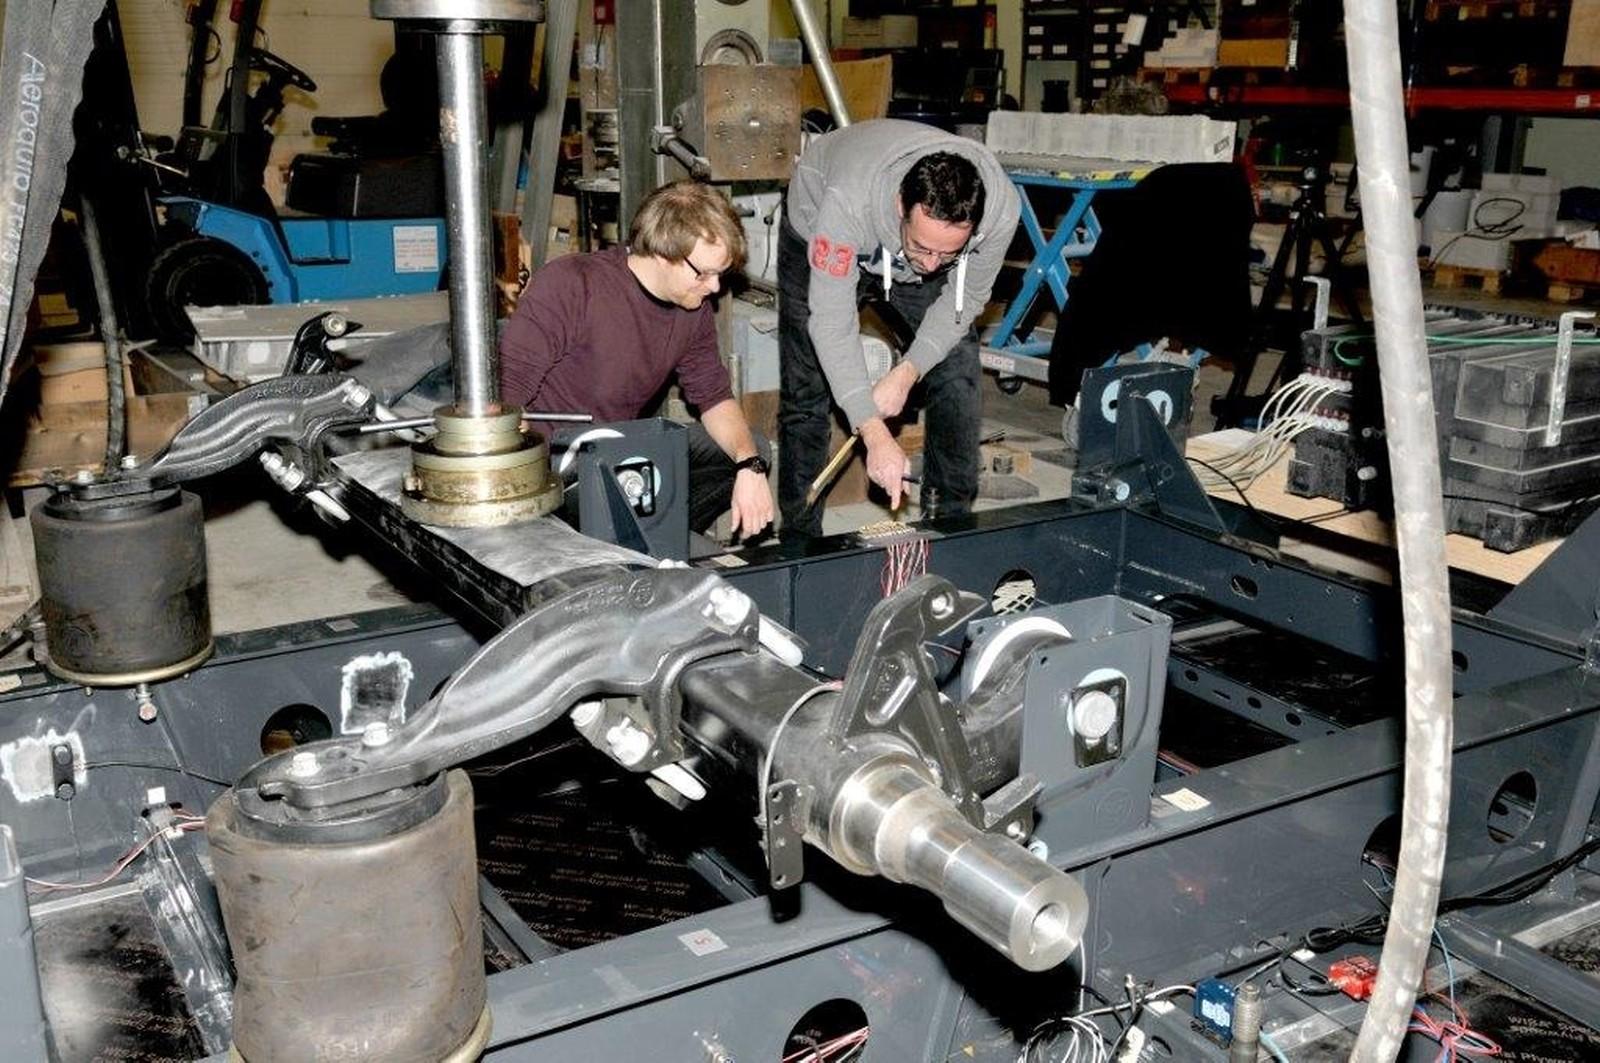 Mehr Sicherheit für Nutzfahrzeuge: Materialwissenschaftler Dr.-Ing. Andree Irretier (r.) und Rolf Klemm führen Körperschallmessungen am Achsbereich eines LKW-Trailers durch.